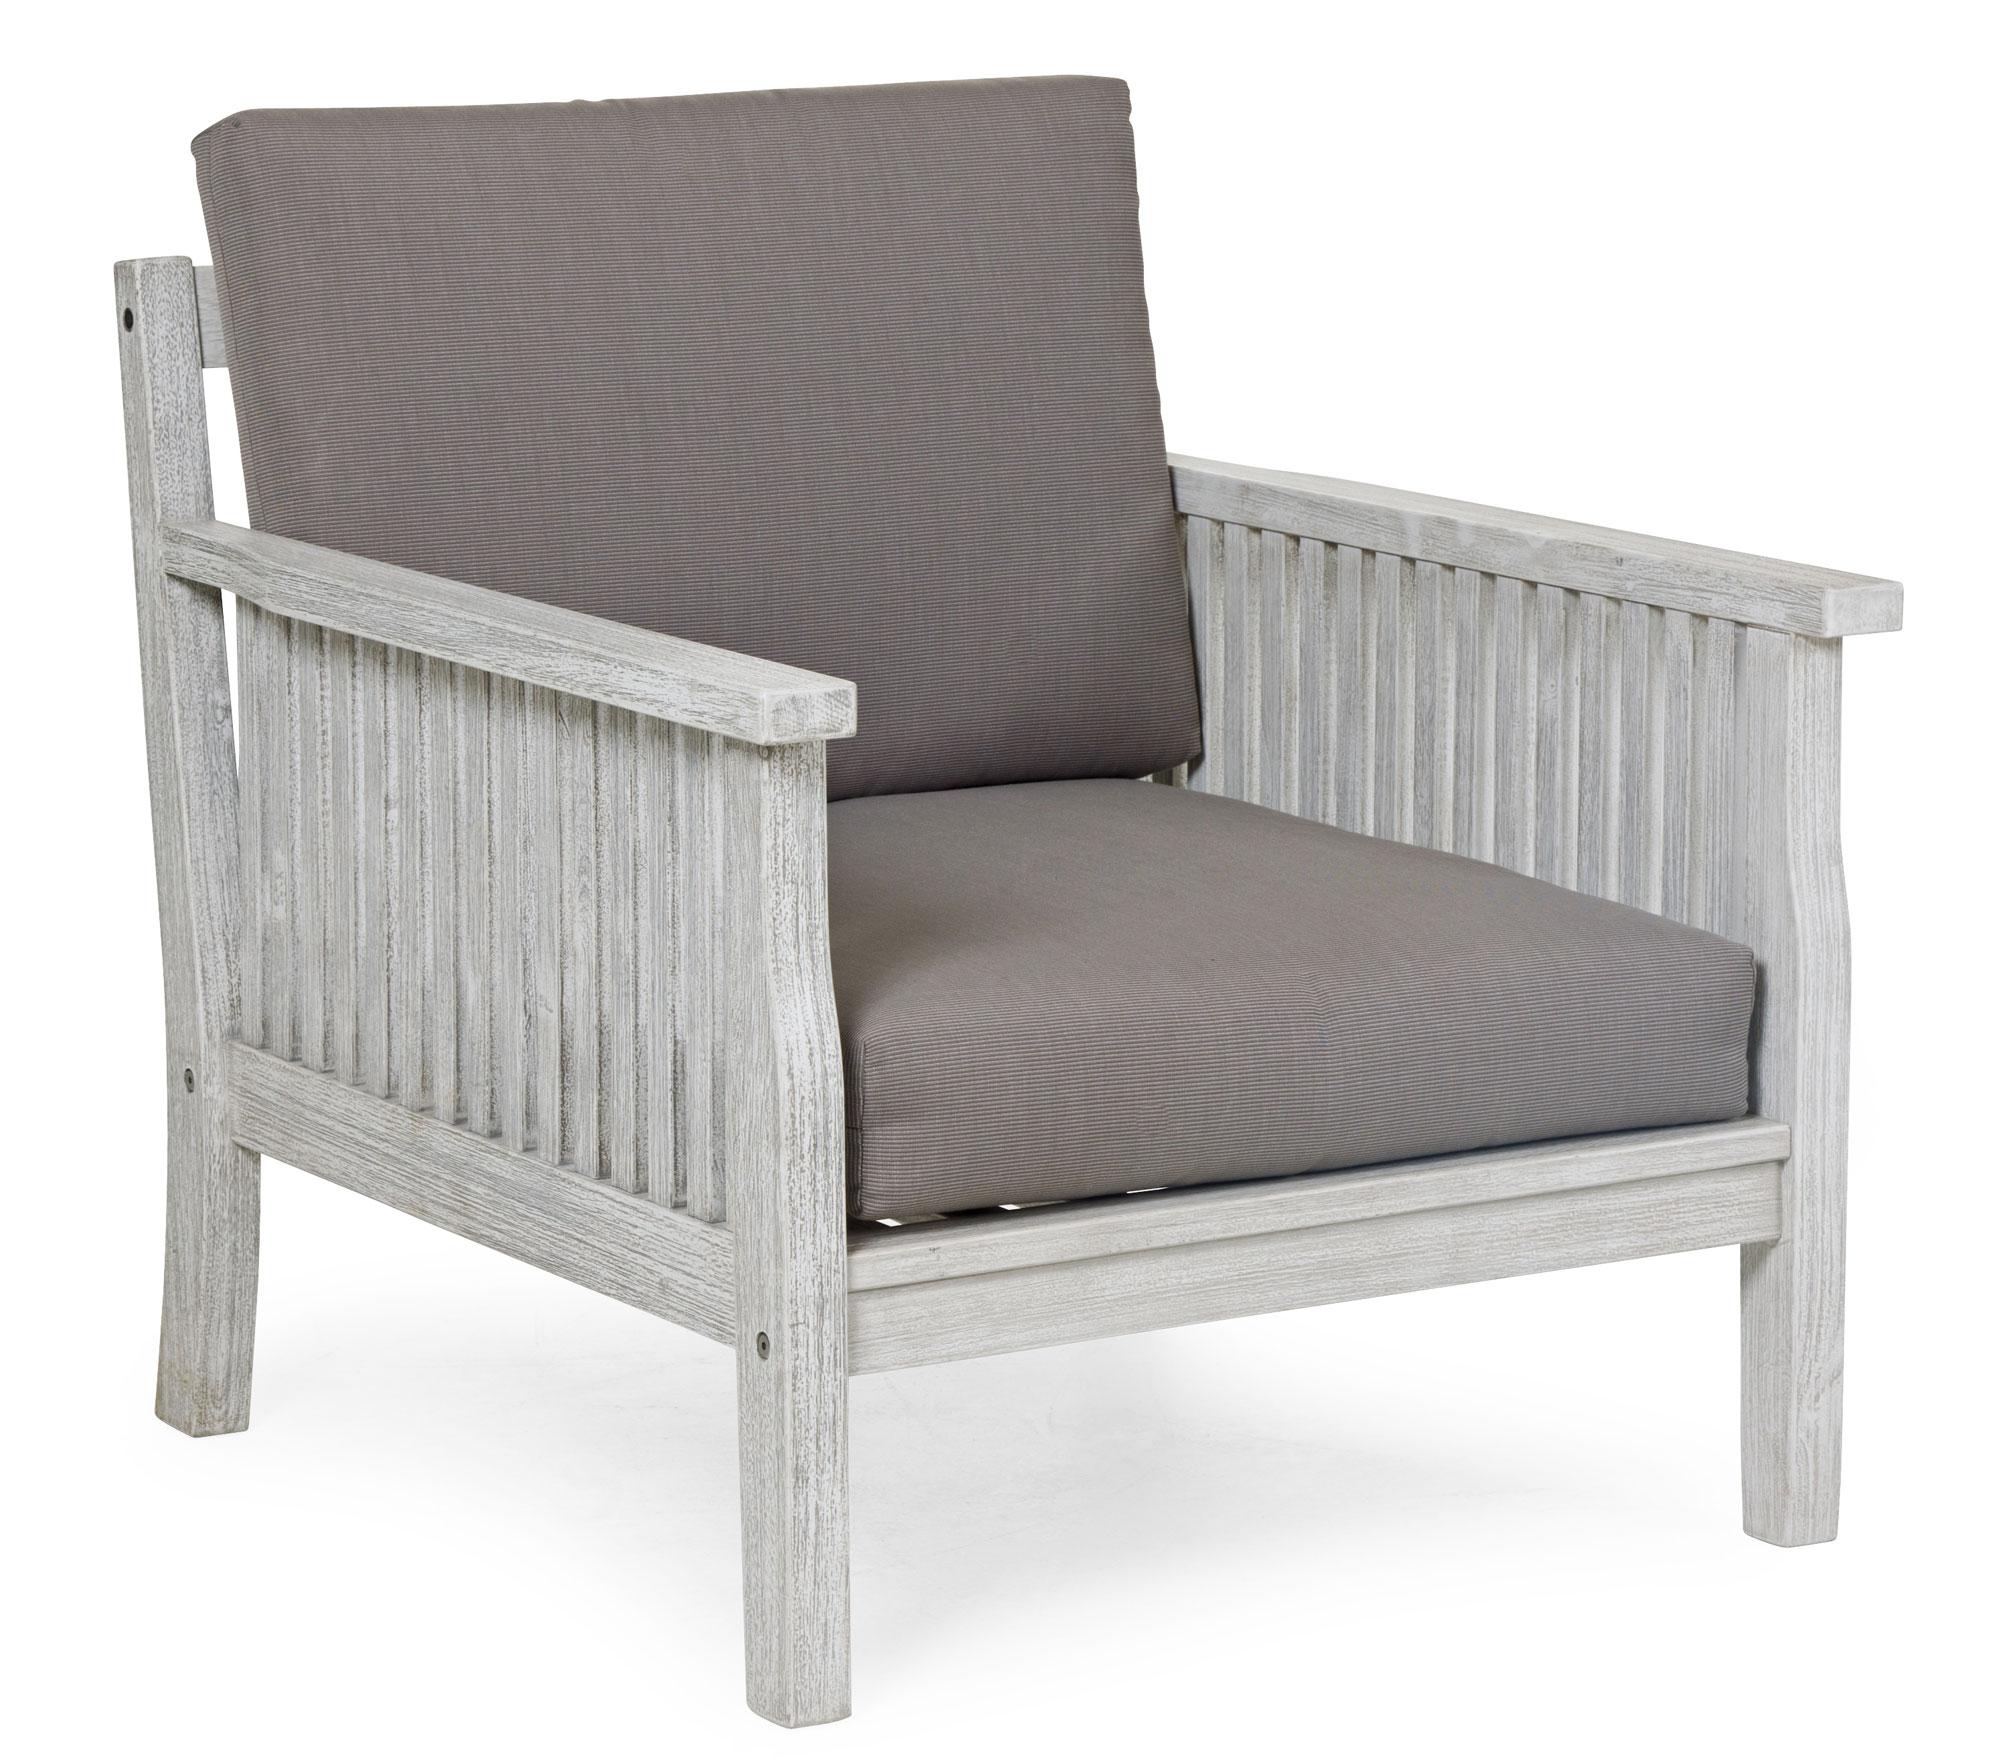 Купить Кресло из коллекции Arizona Lounge Brafab, inmyroom, Швеция